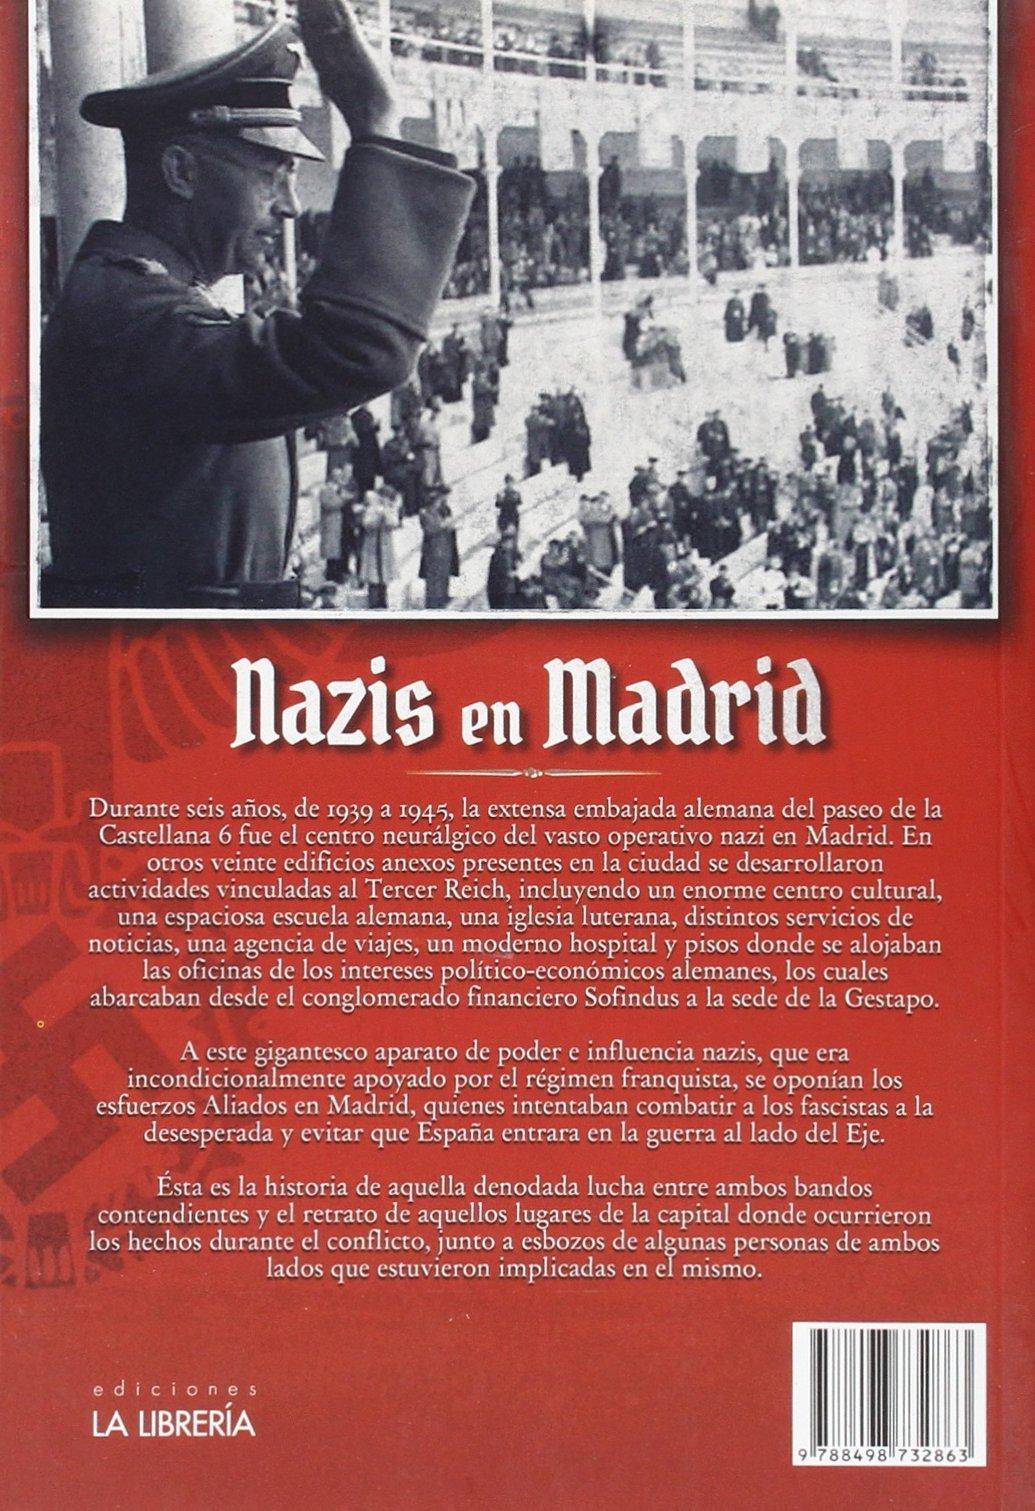 Nazis en Madrid: Amazon.es: Besas, Peter, Besas, Peter: Libros